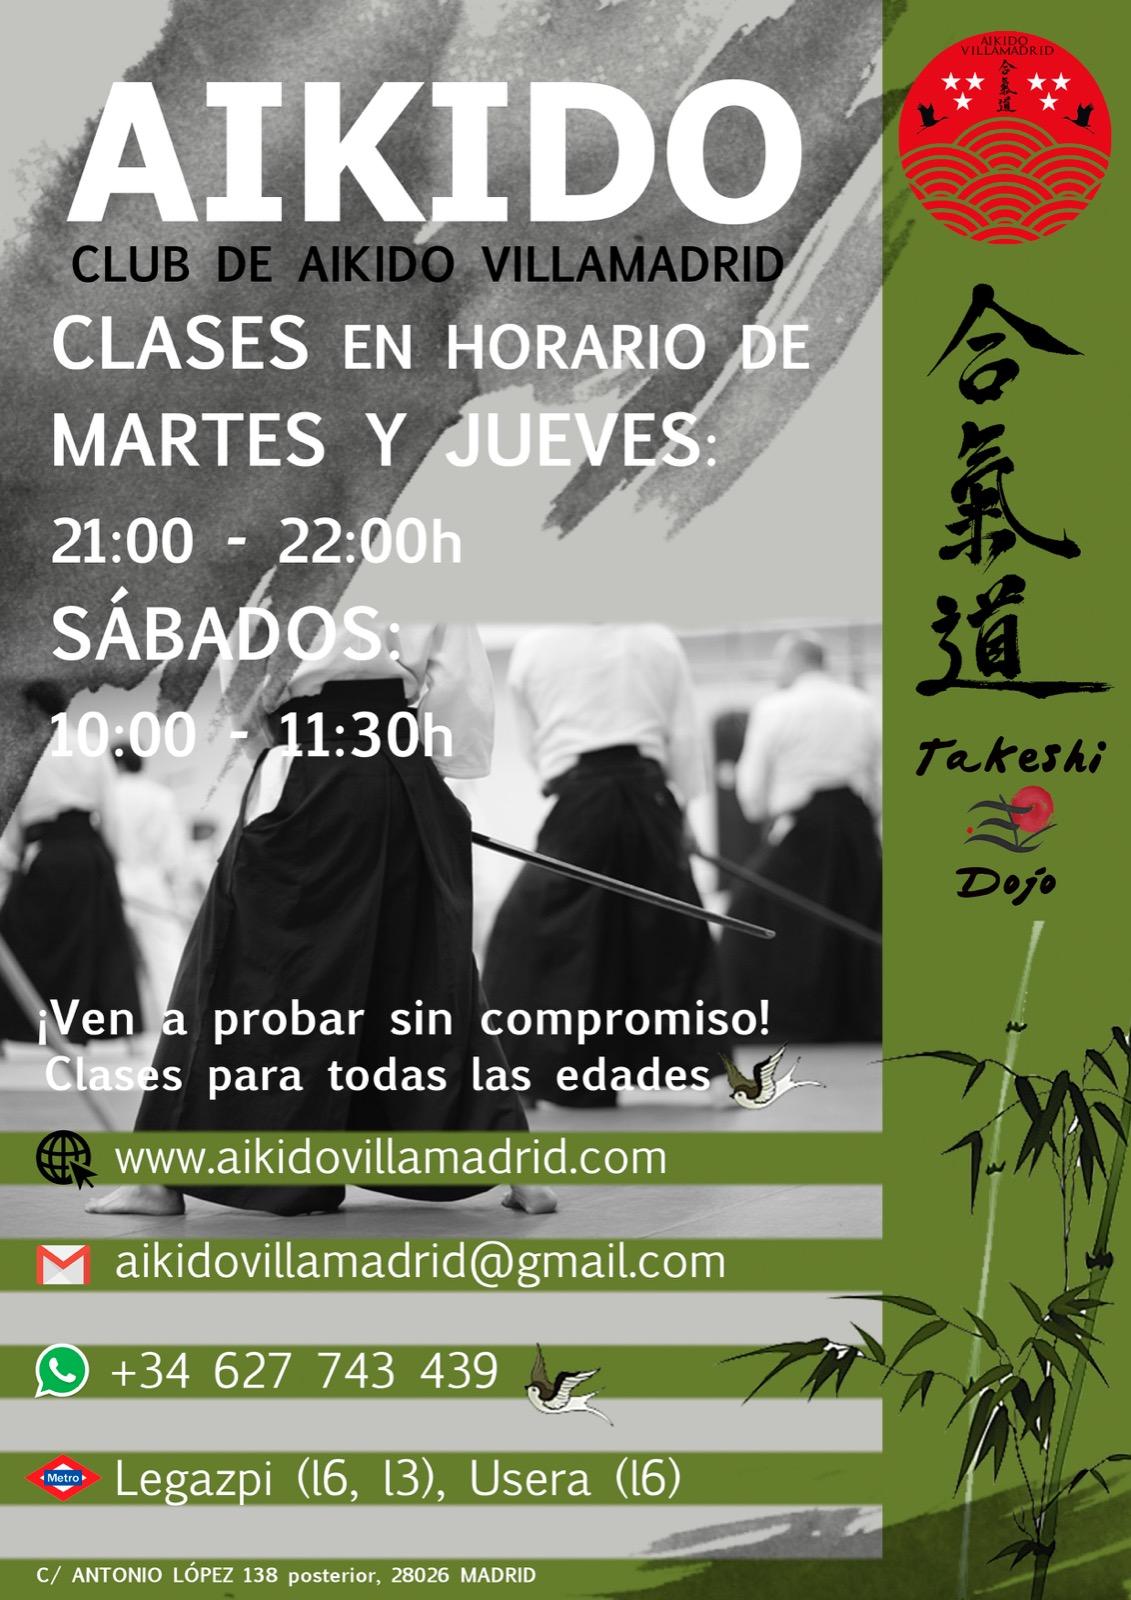 clases de aikido en madrid